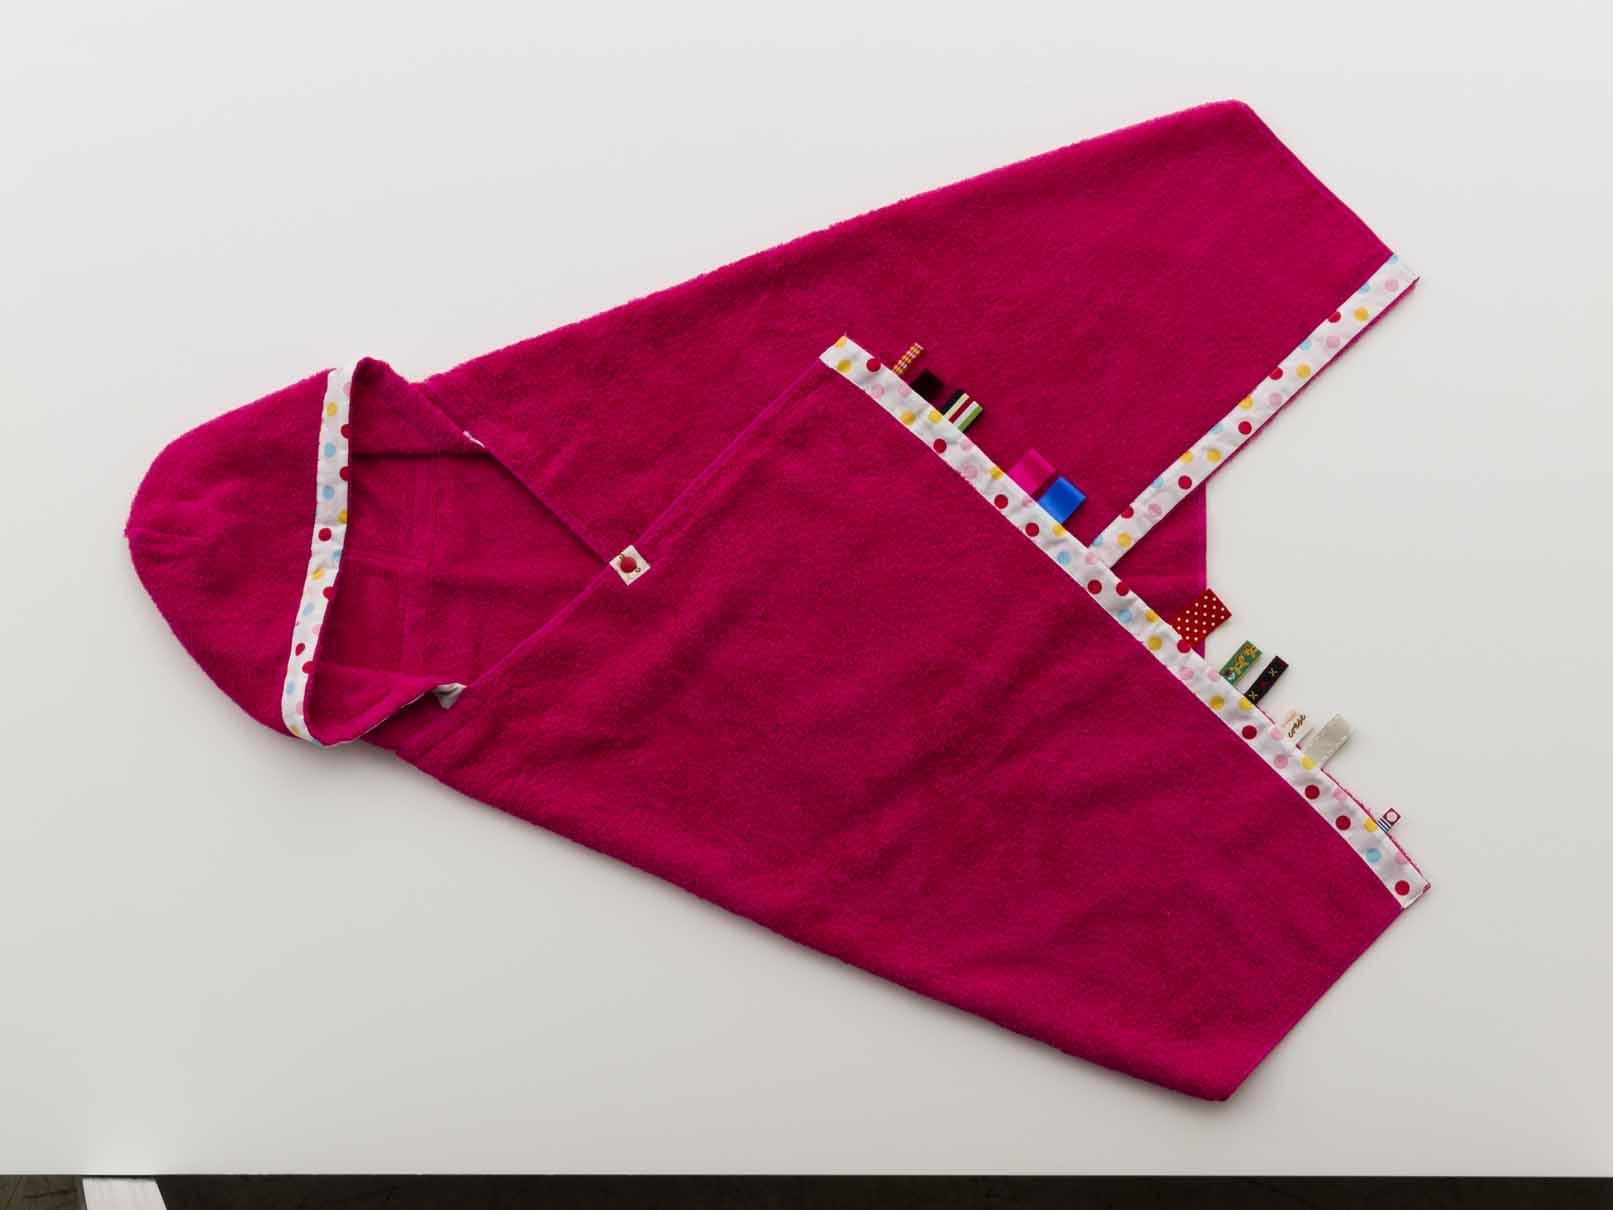 にぎにぎフード付きバスタオル ピンク